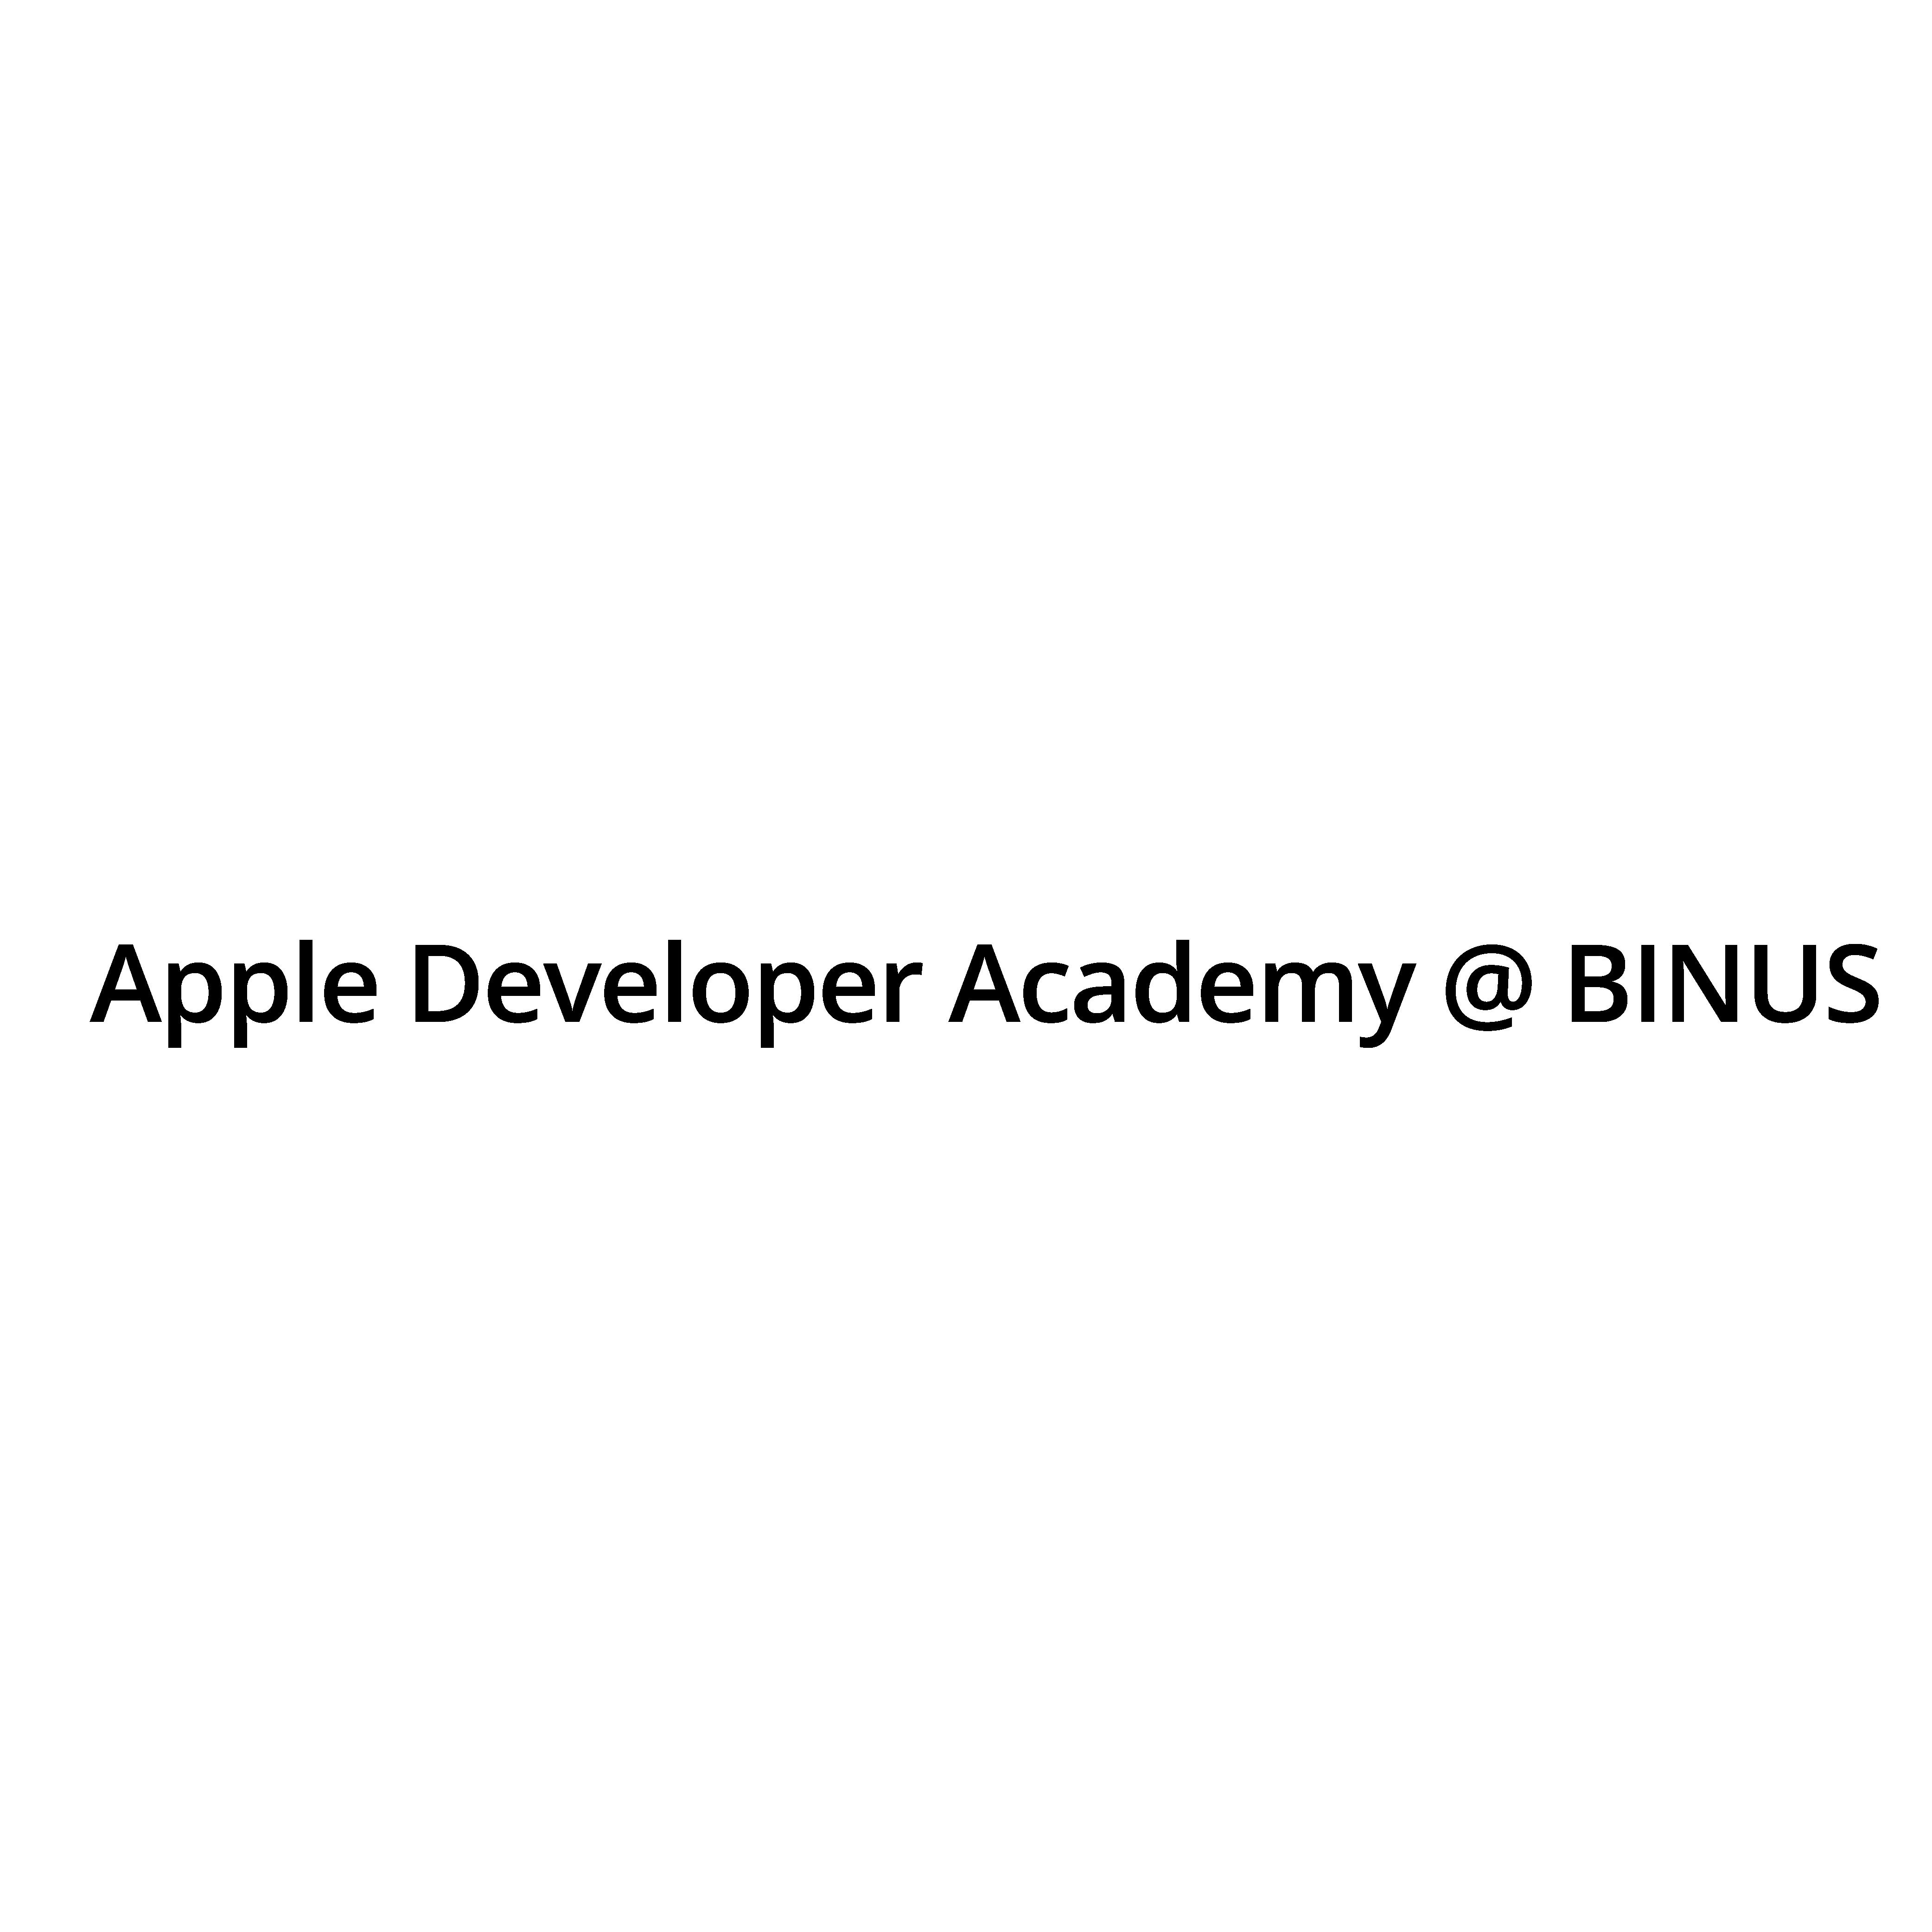 Logo-TextBased-01 - Adityo Nugroho